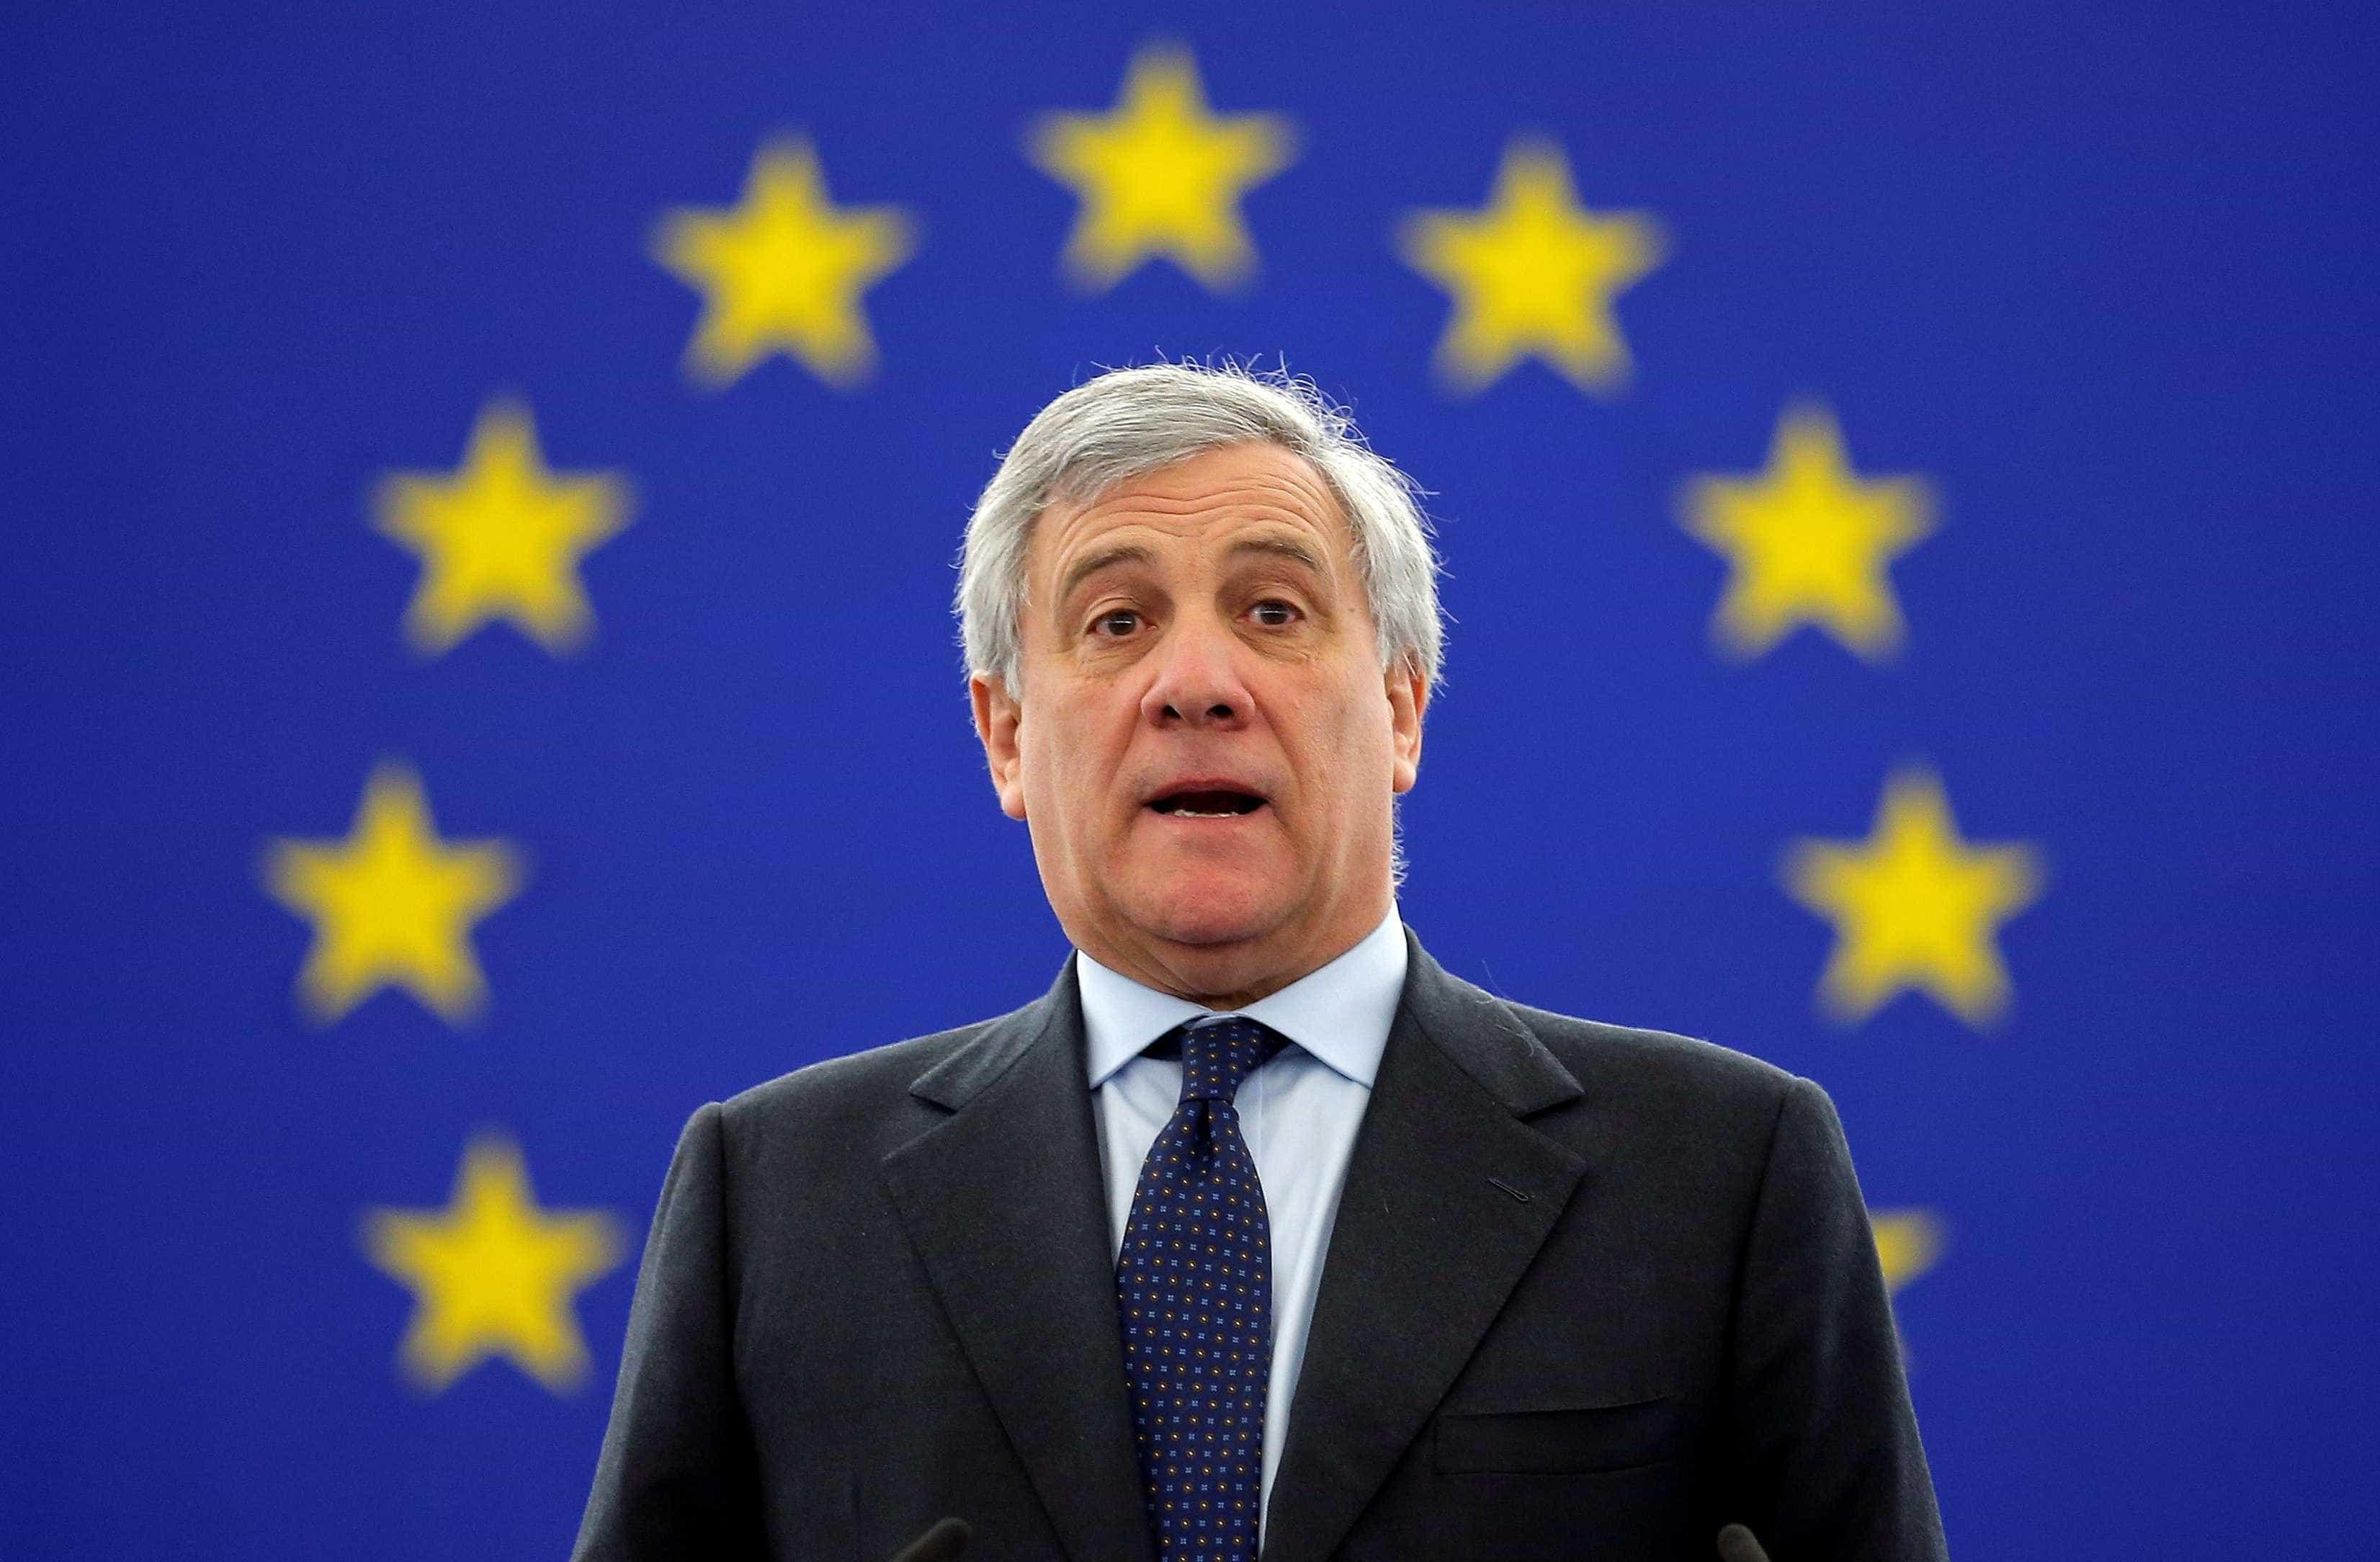 Presidente do PE aponta 11 de abril como limite para adiamento do Brexit